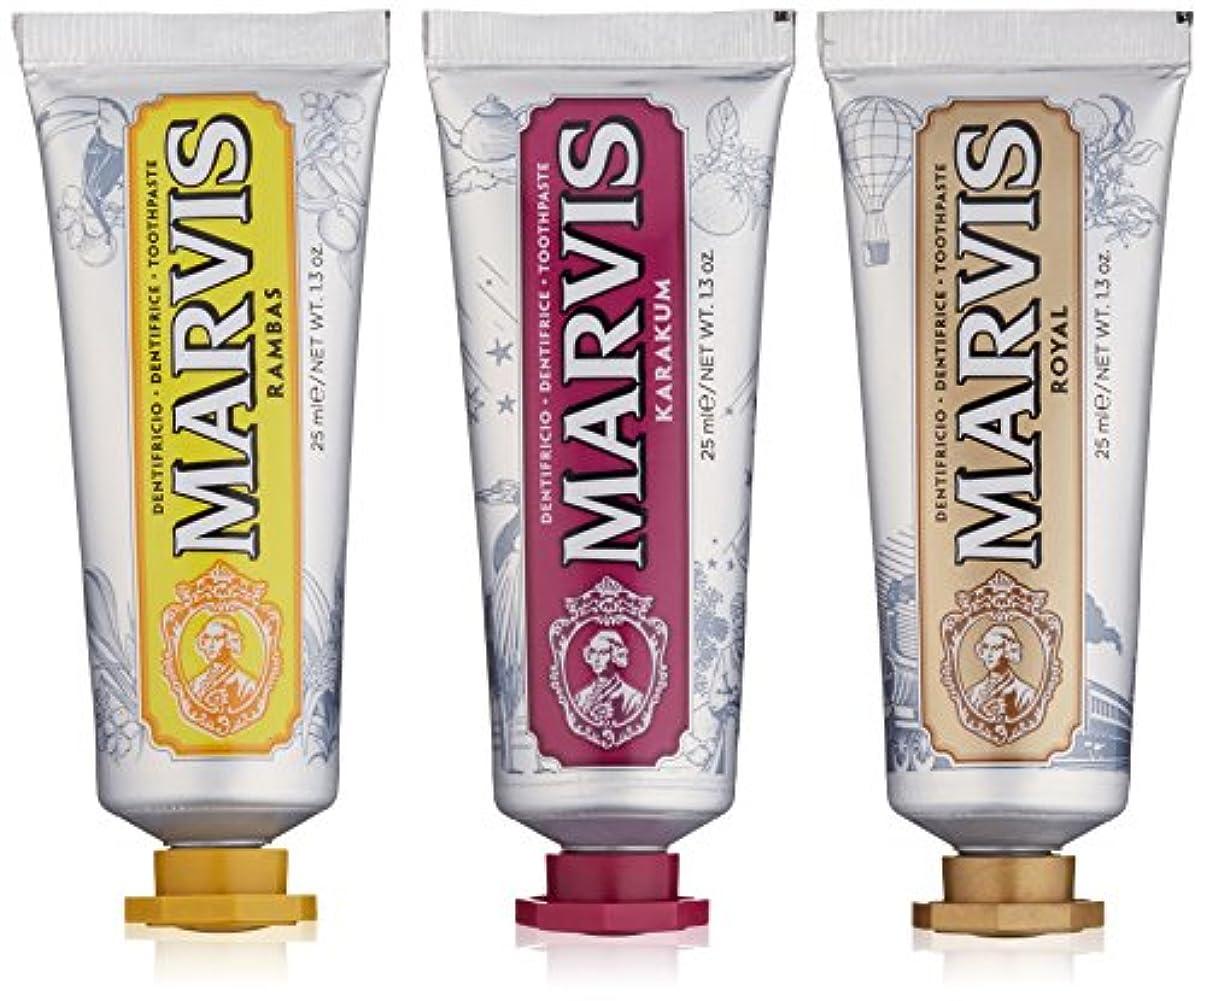 MARVIS(マービス) ワンダーズオブザワールド コレクション (歯みがき粉) 25ml x 3本